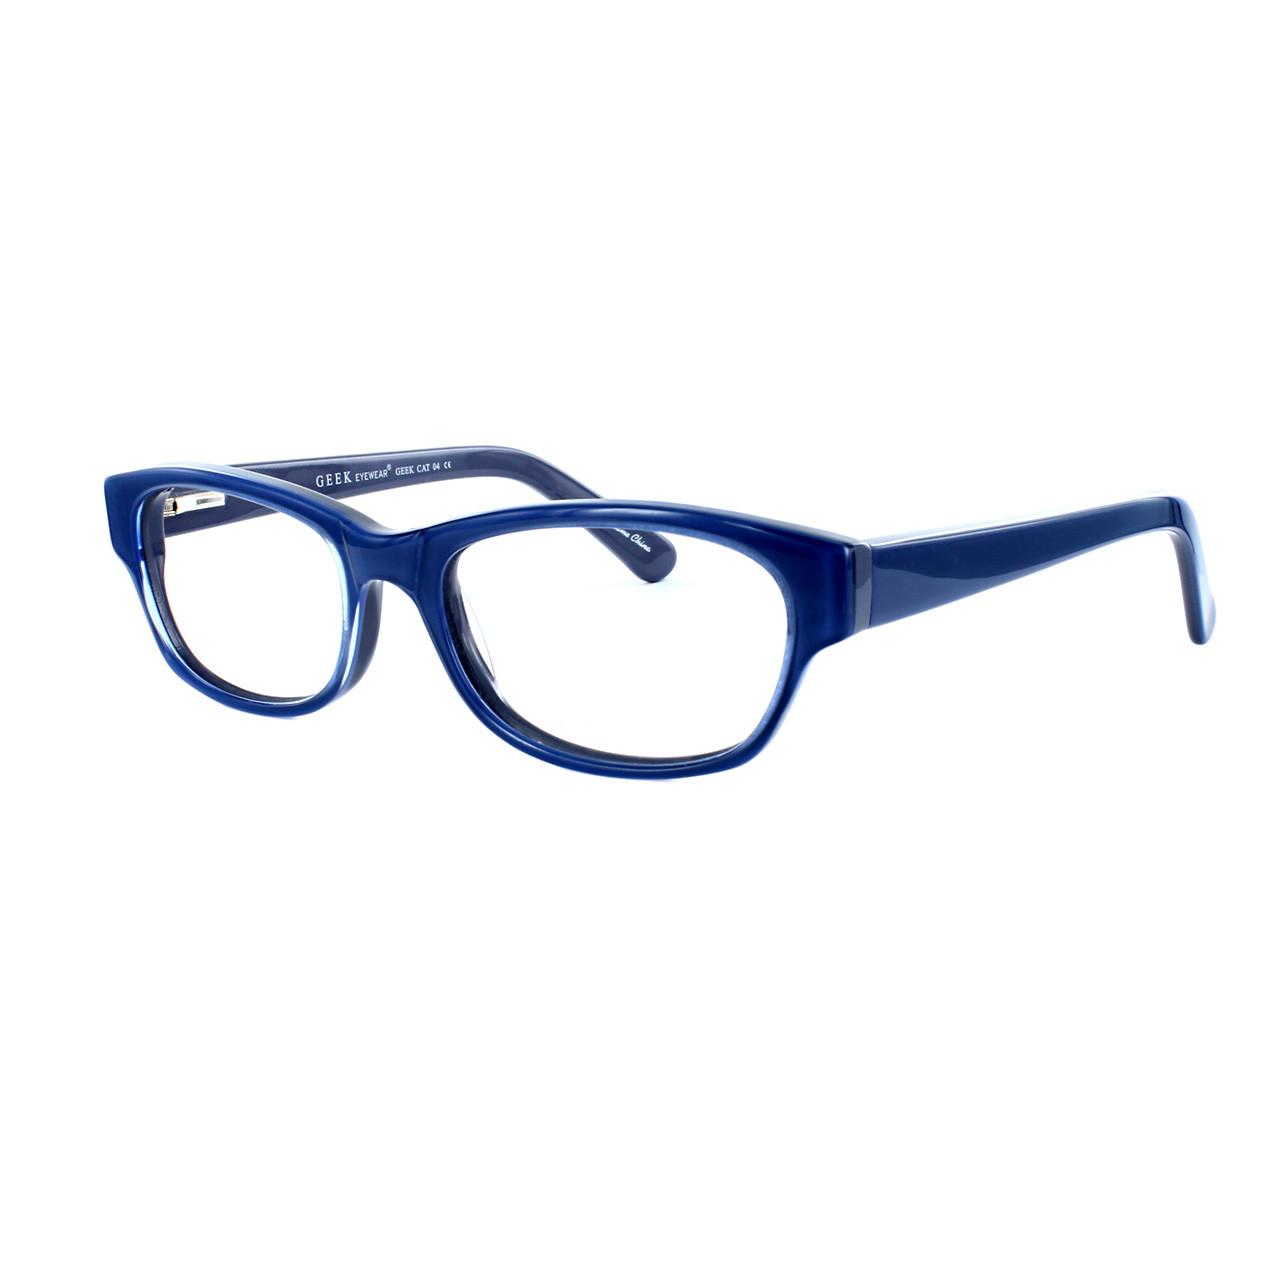 Geek CAT 04 Blue